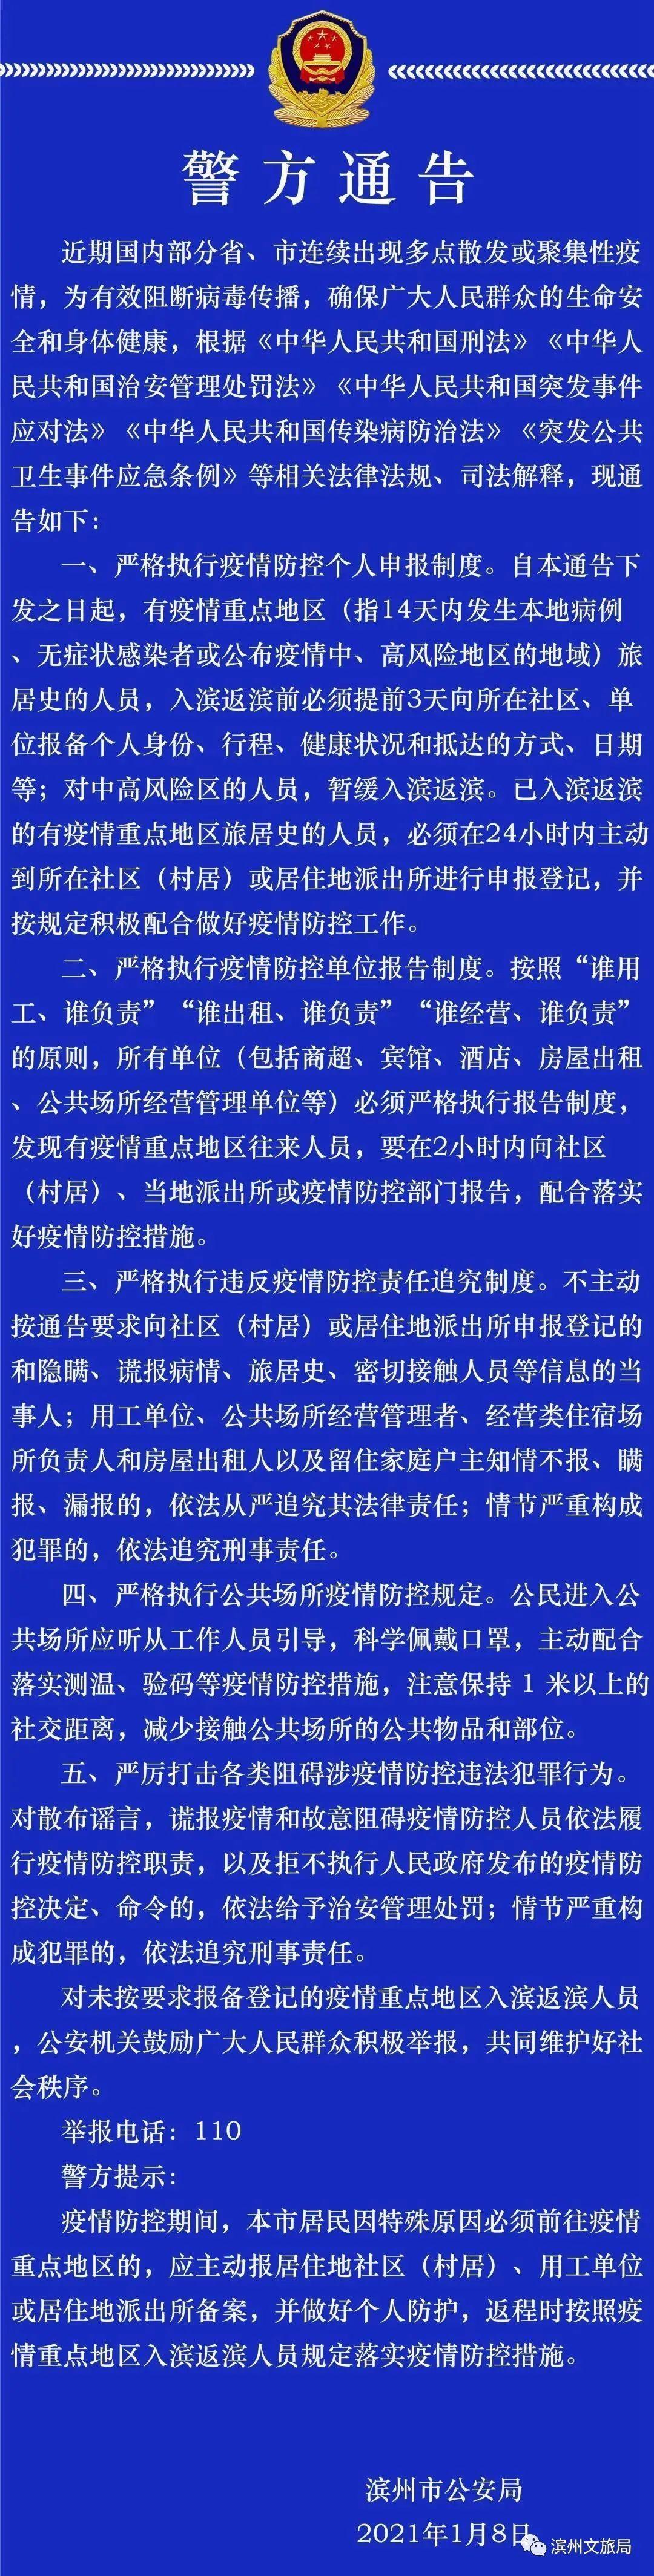 关于滨州市疫情防控,市公安局下发最新通告!